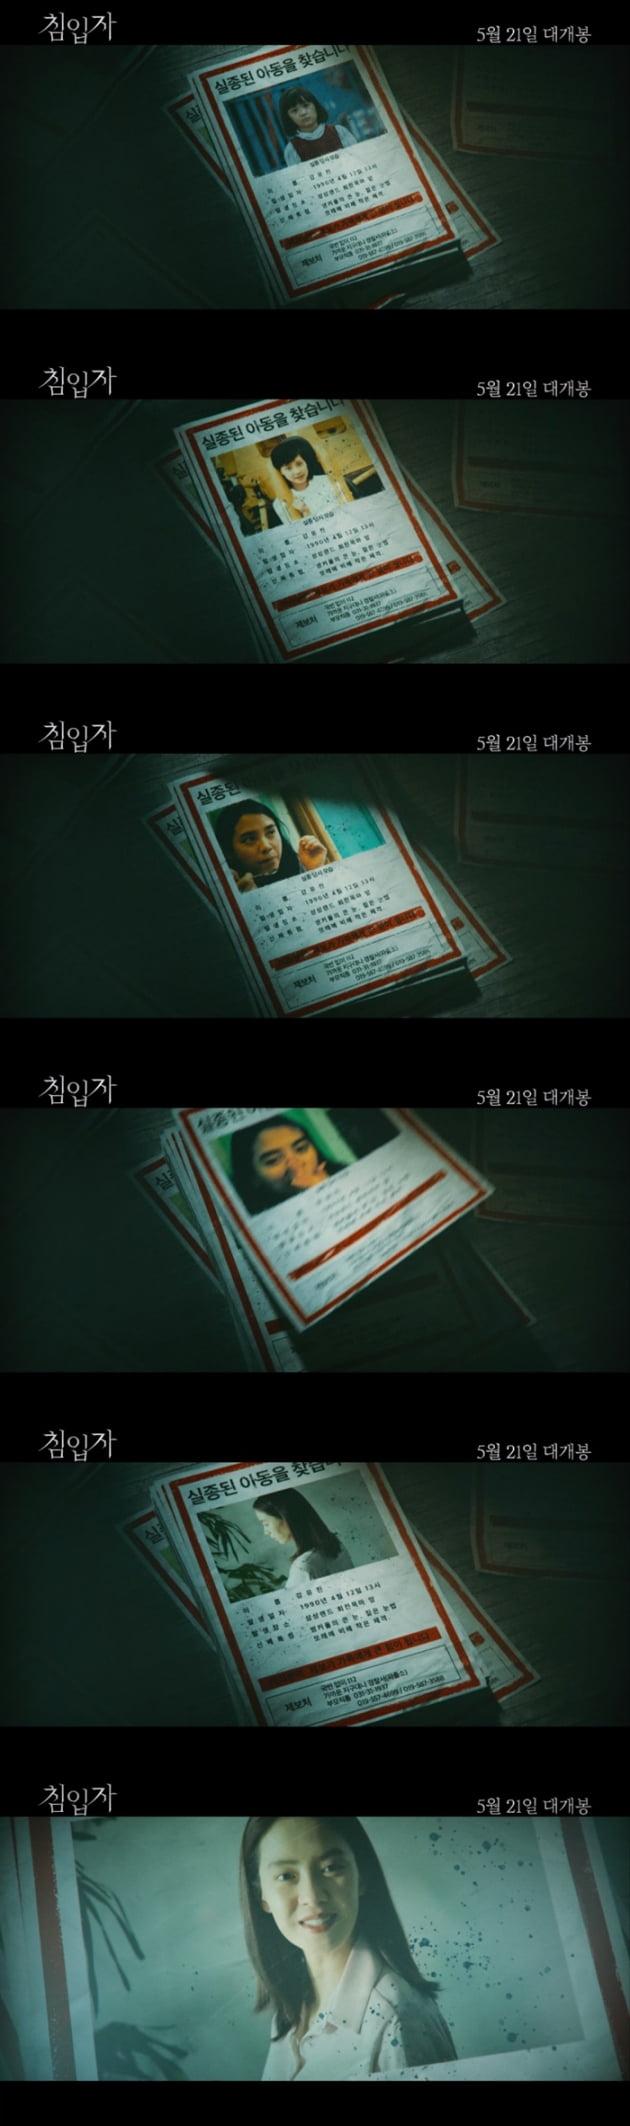 '침입자' 송지효 / 사진 = 에이스메이커무비웍스 제공